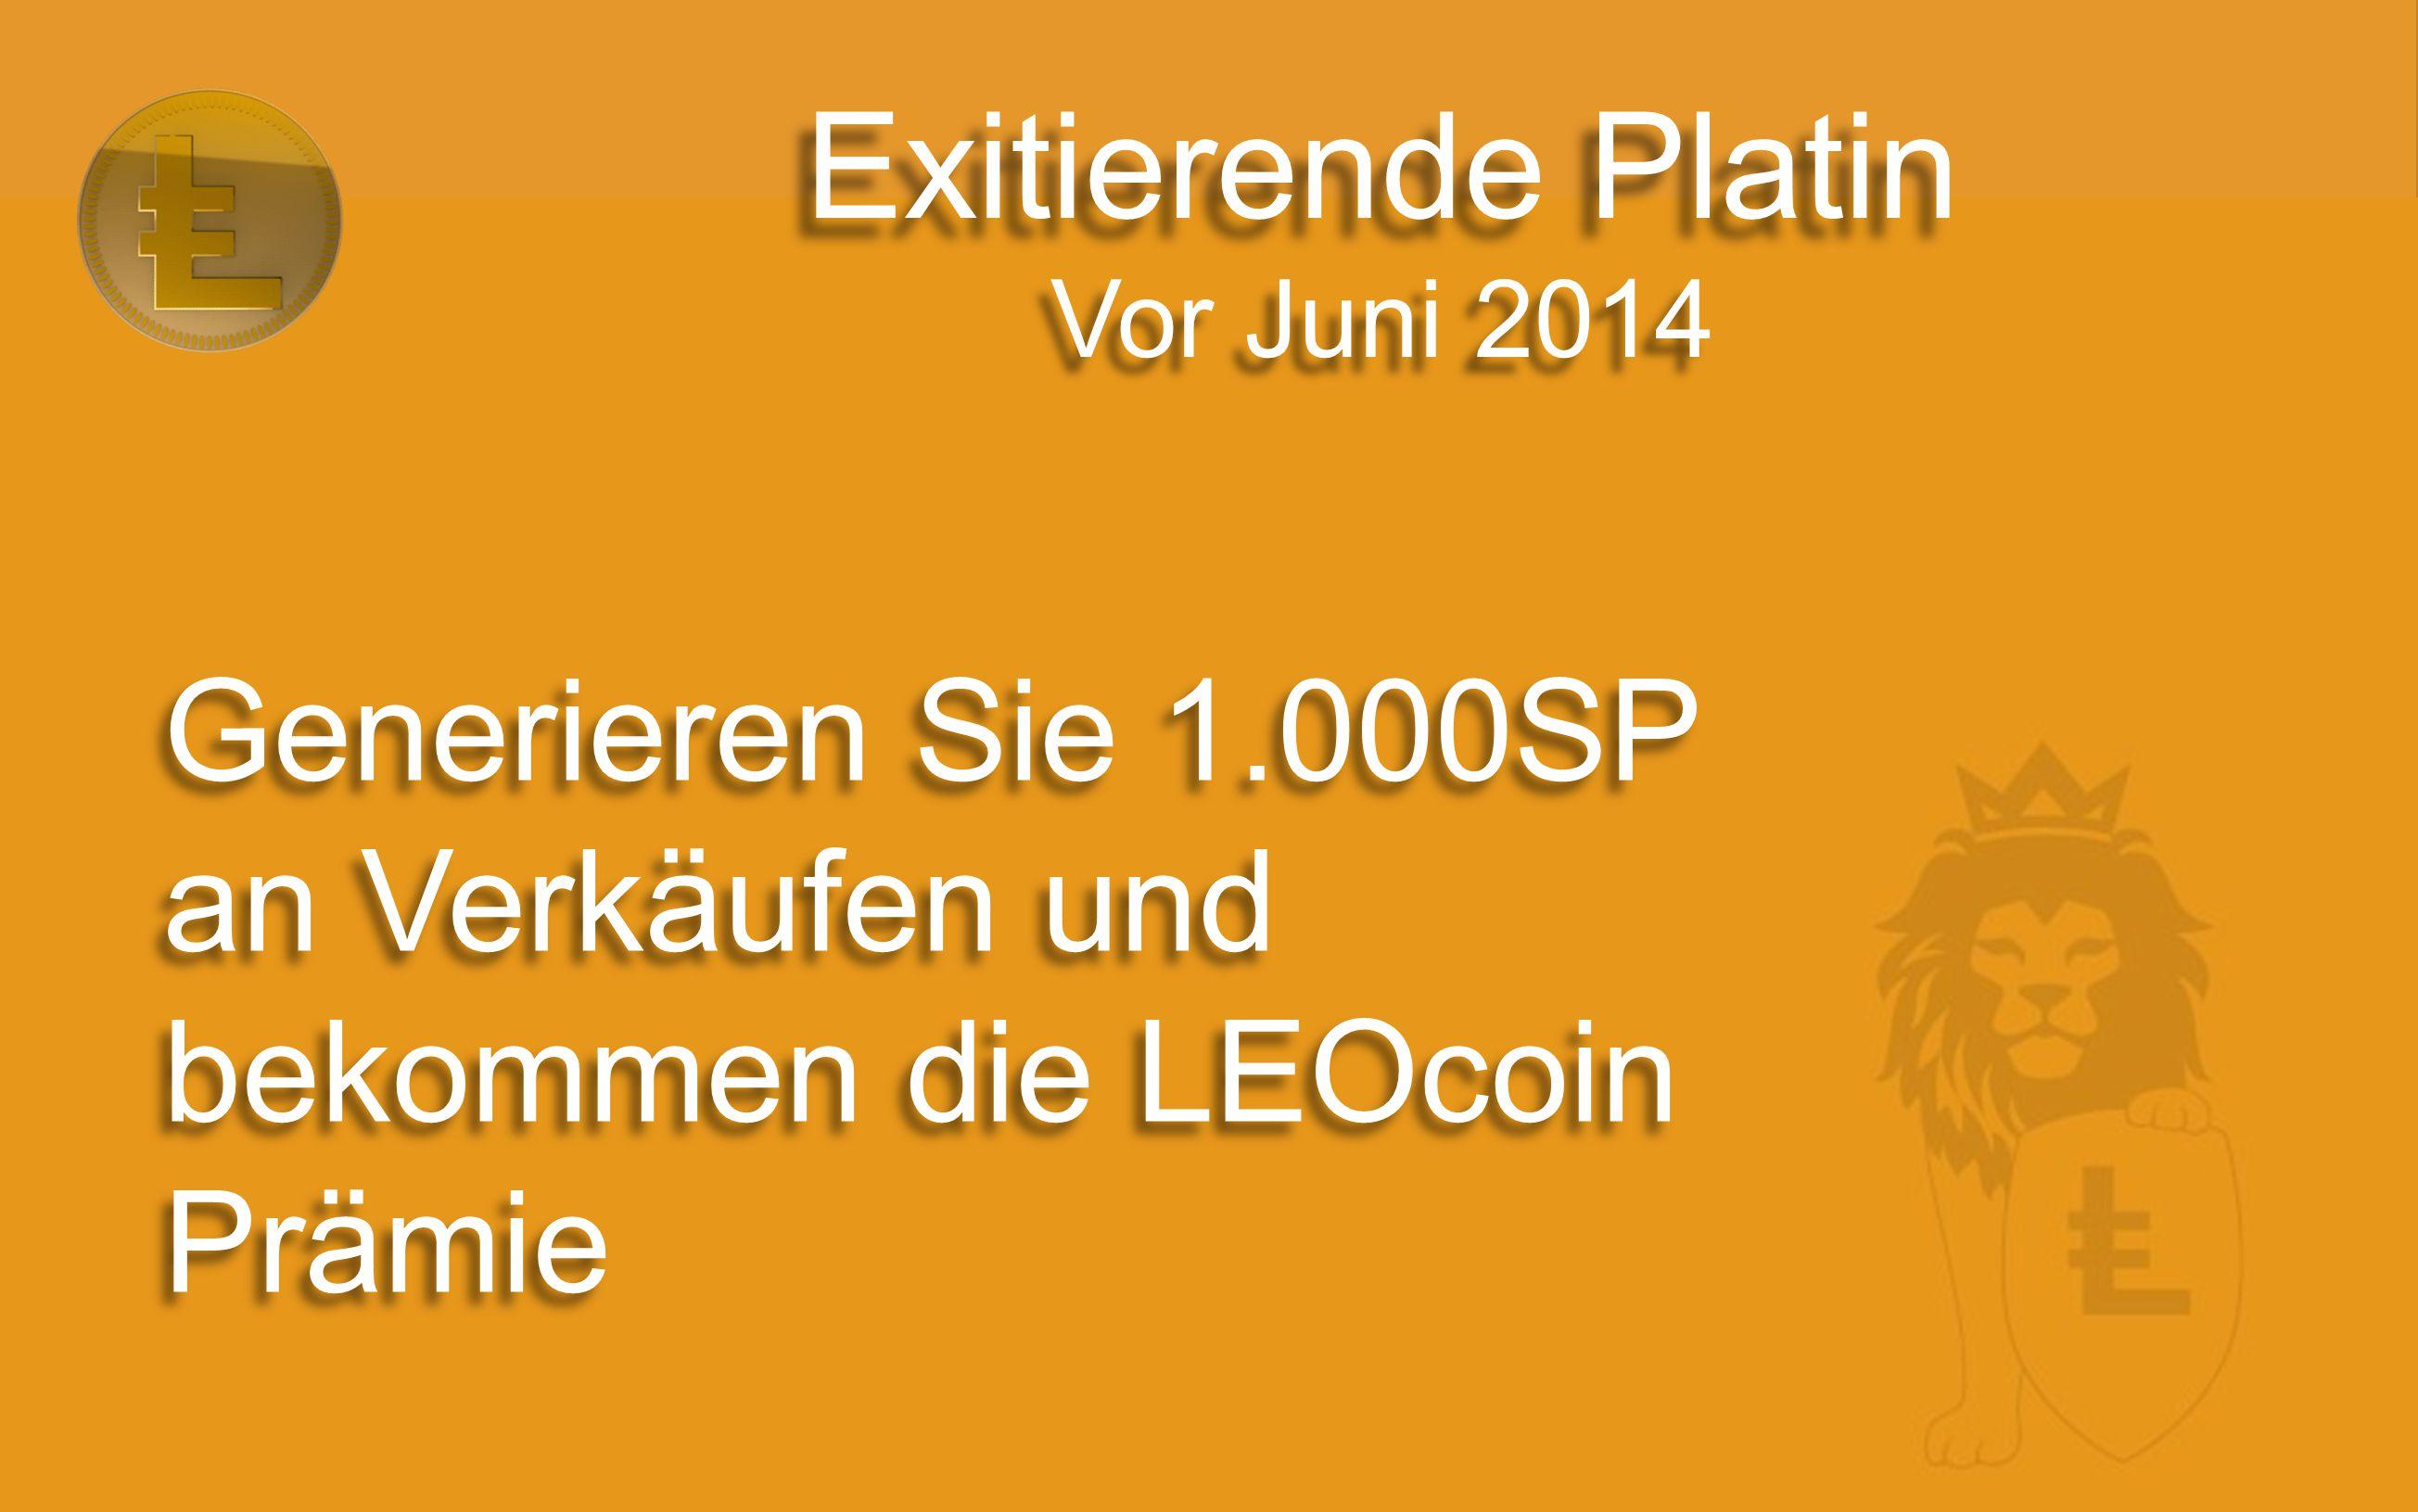 Exitierende Platin Vor Juni 2014 Generieren Sie 1.000SP an Verkäufen und bekommen die LEOcoin Prämie